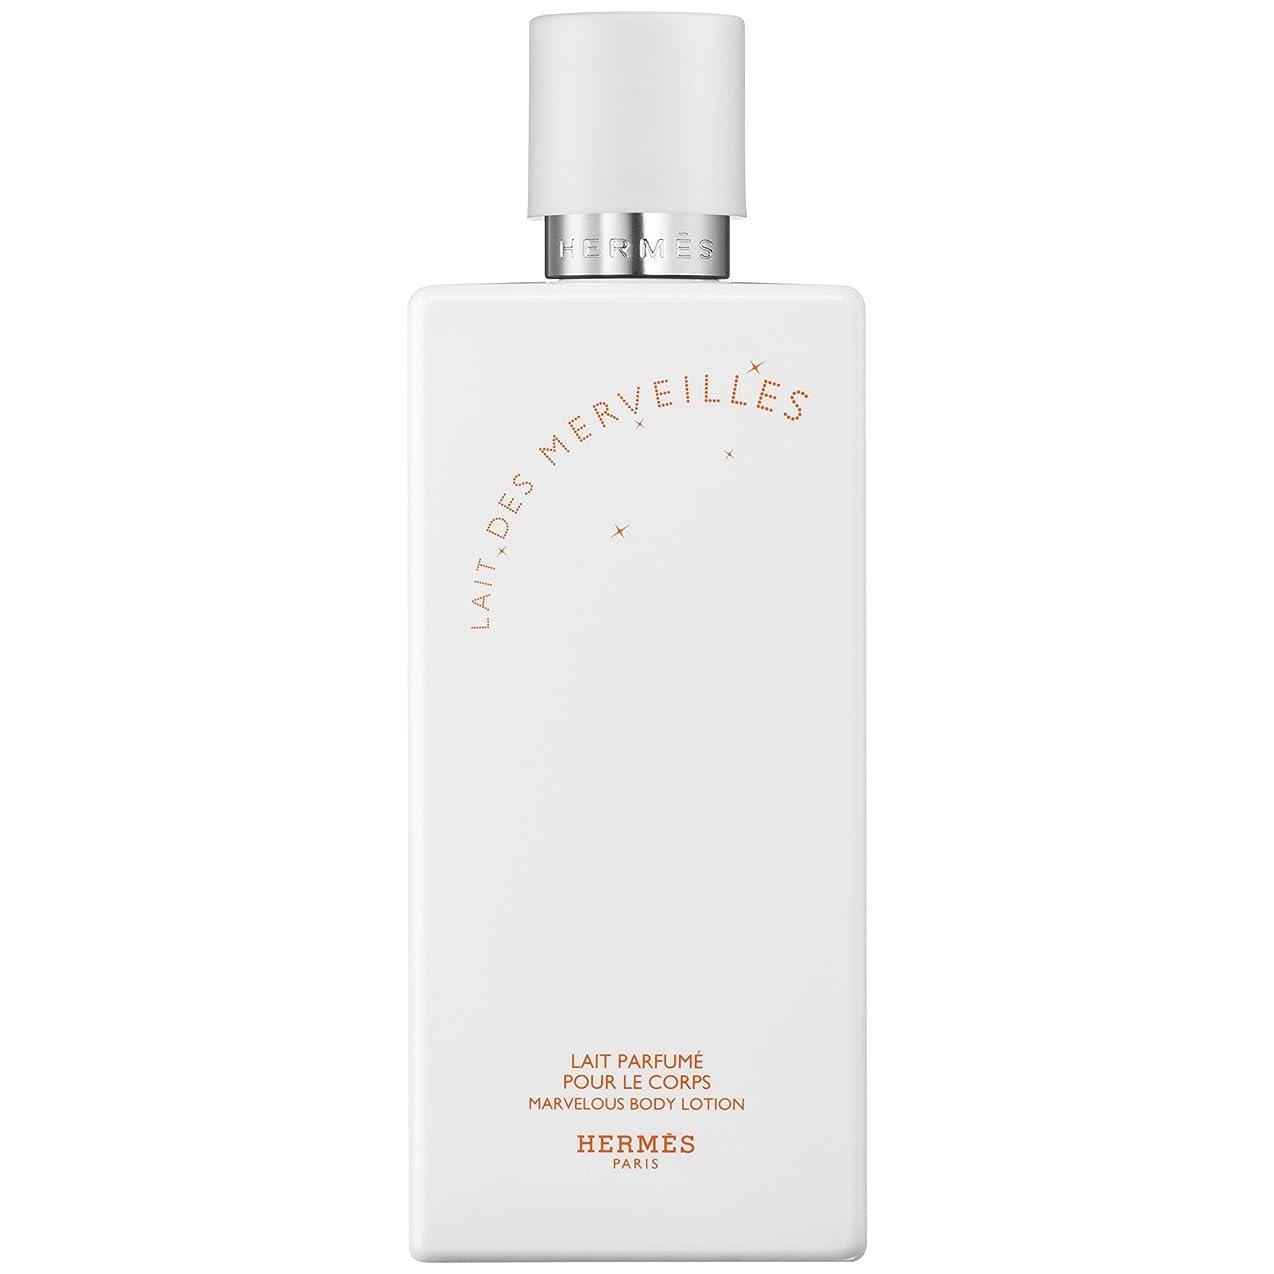 正確にサンダー意外エルメスオーデMerveilles香りのボディローション200ミリリットル (HERM?S) (x2) - HERM?S Eau Des Merveilles Perfumed Body Lotion 200ml (Pack of 2) [並行輸入品]